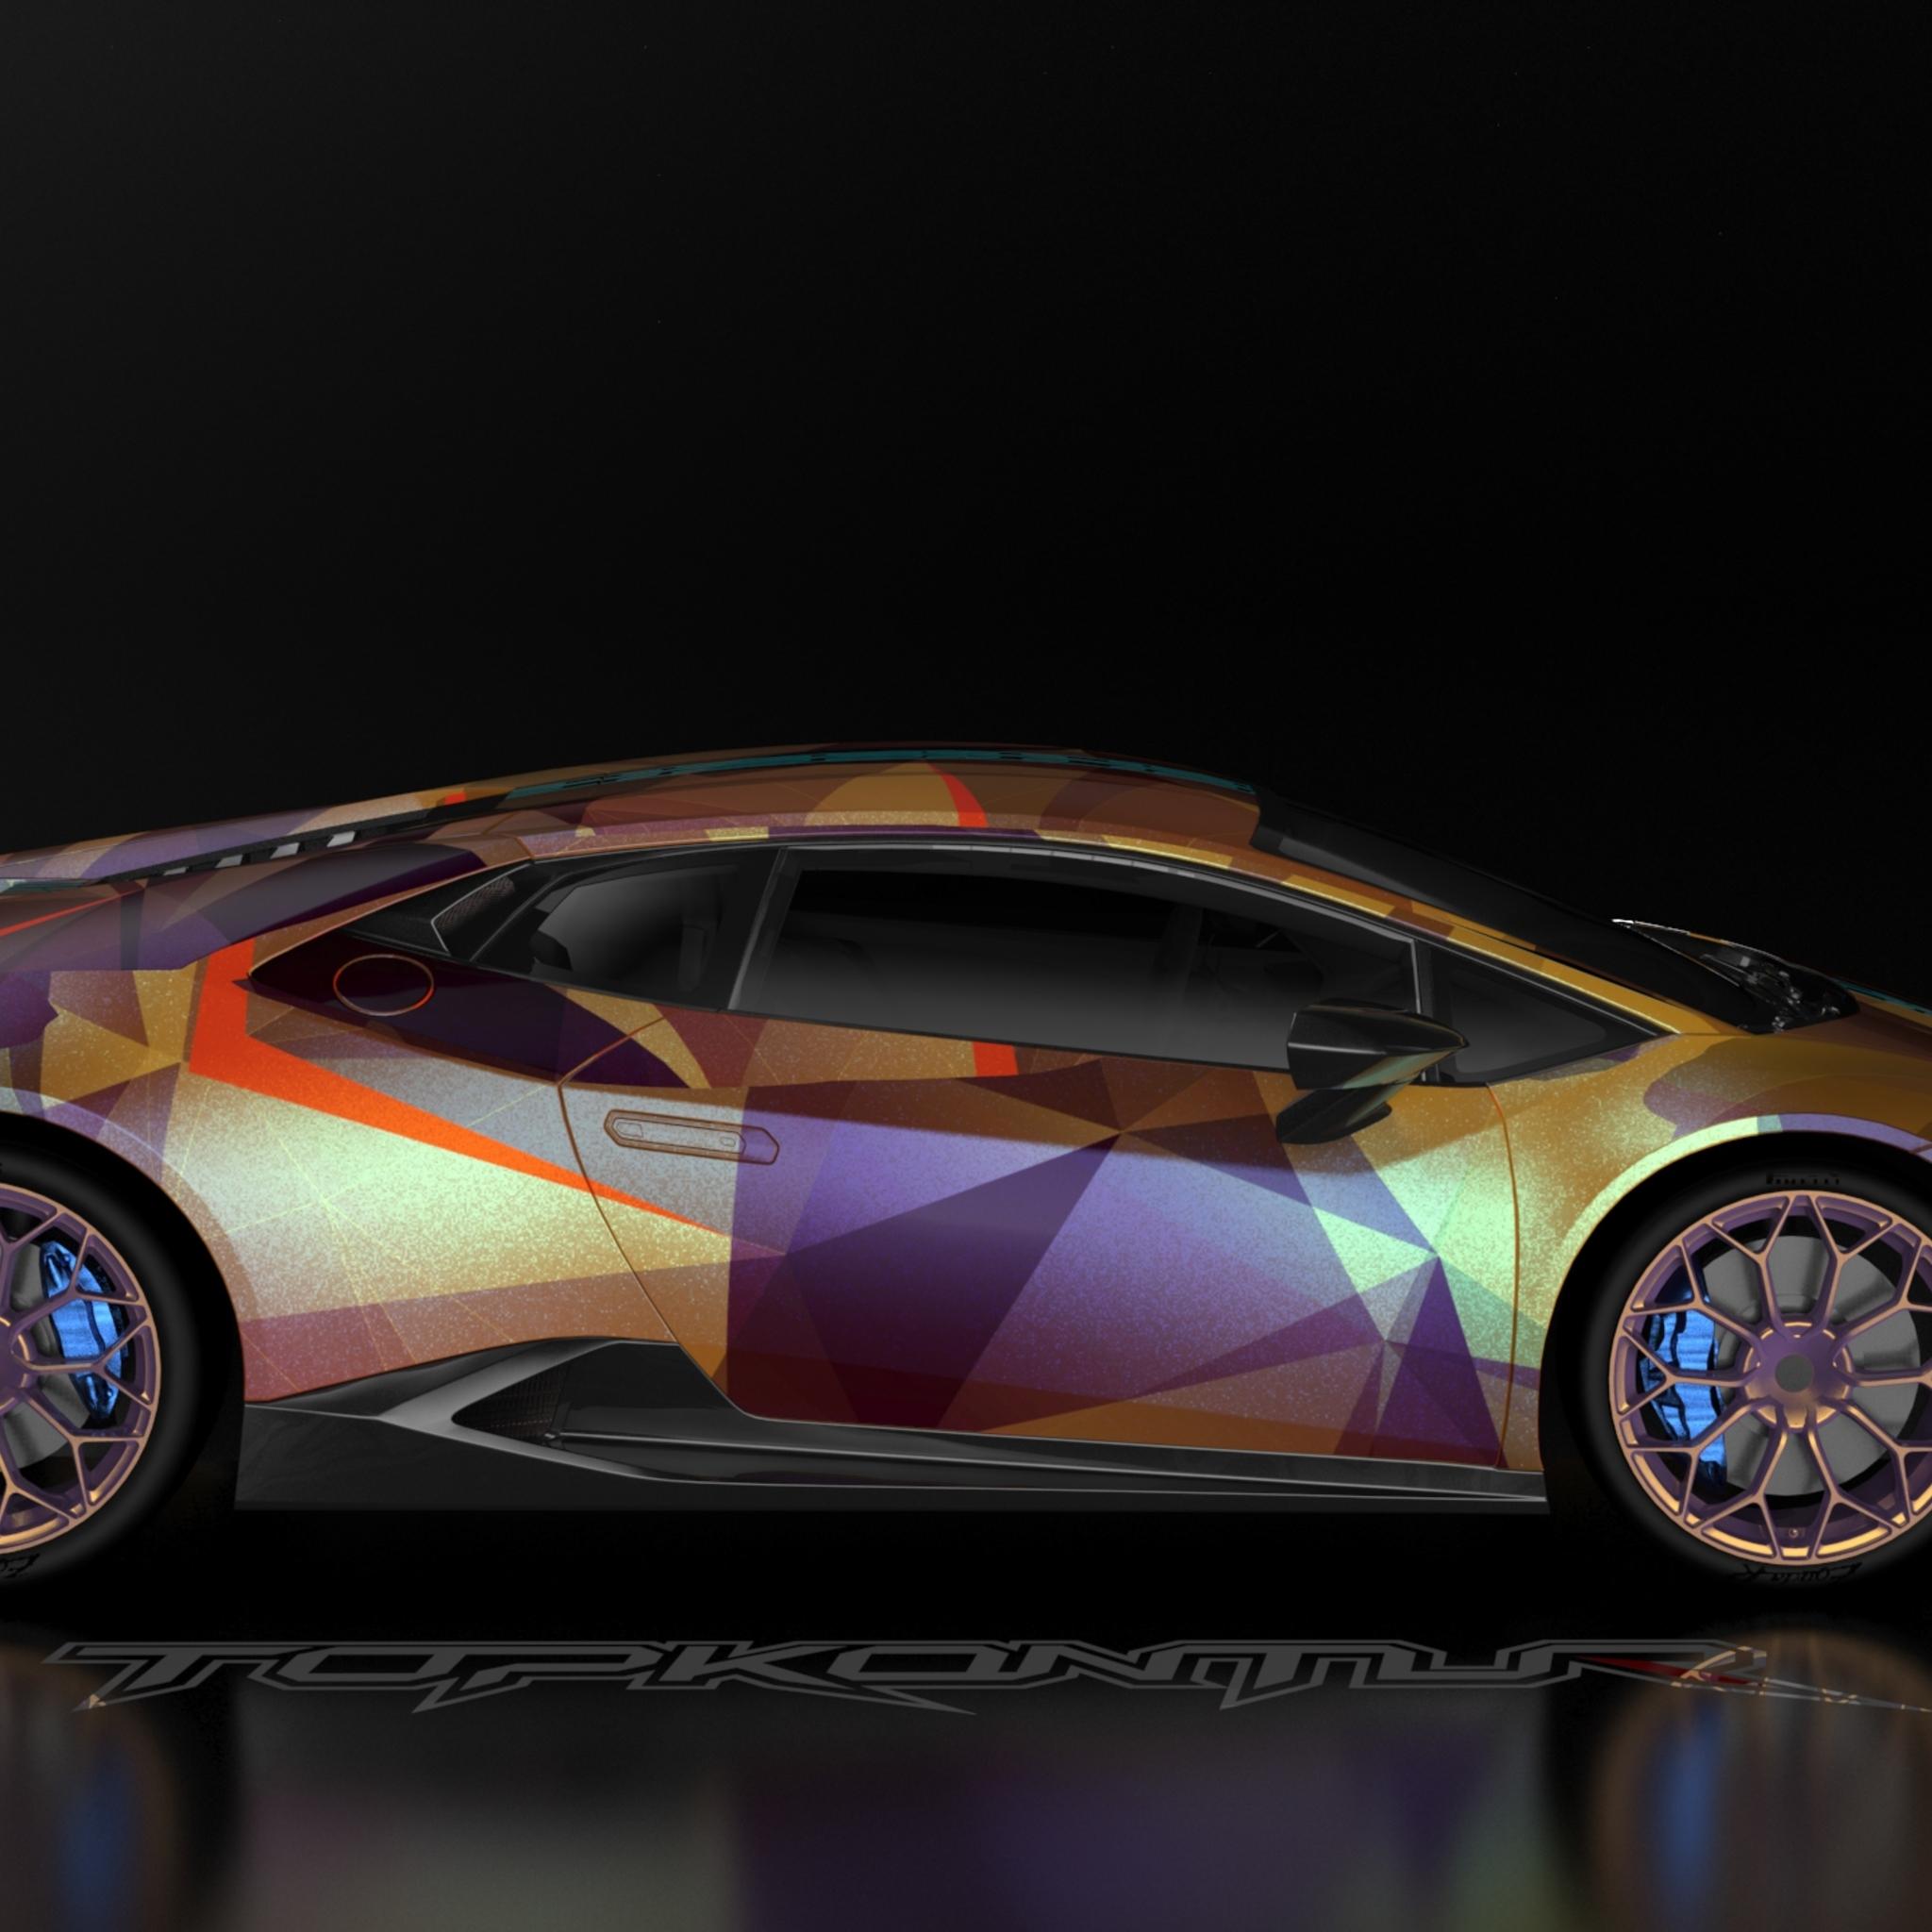 2048x2048 Gold And Wine Lamborghini Huracan Car Ipad Air Hd